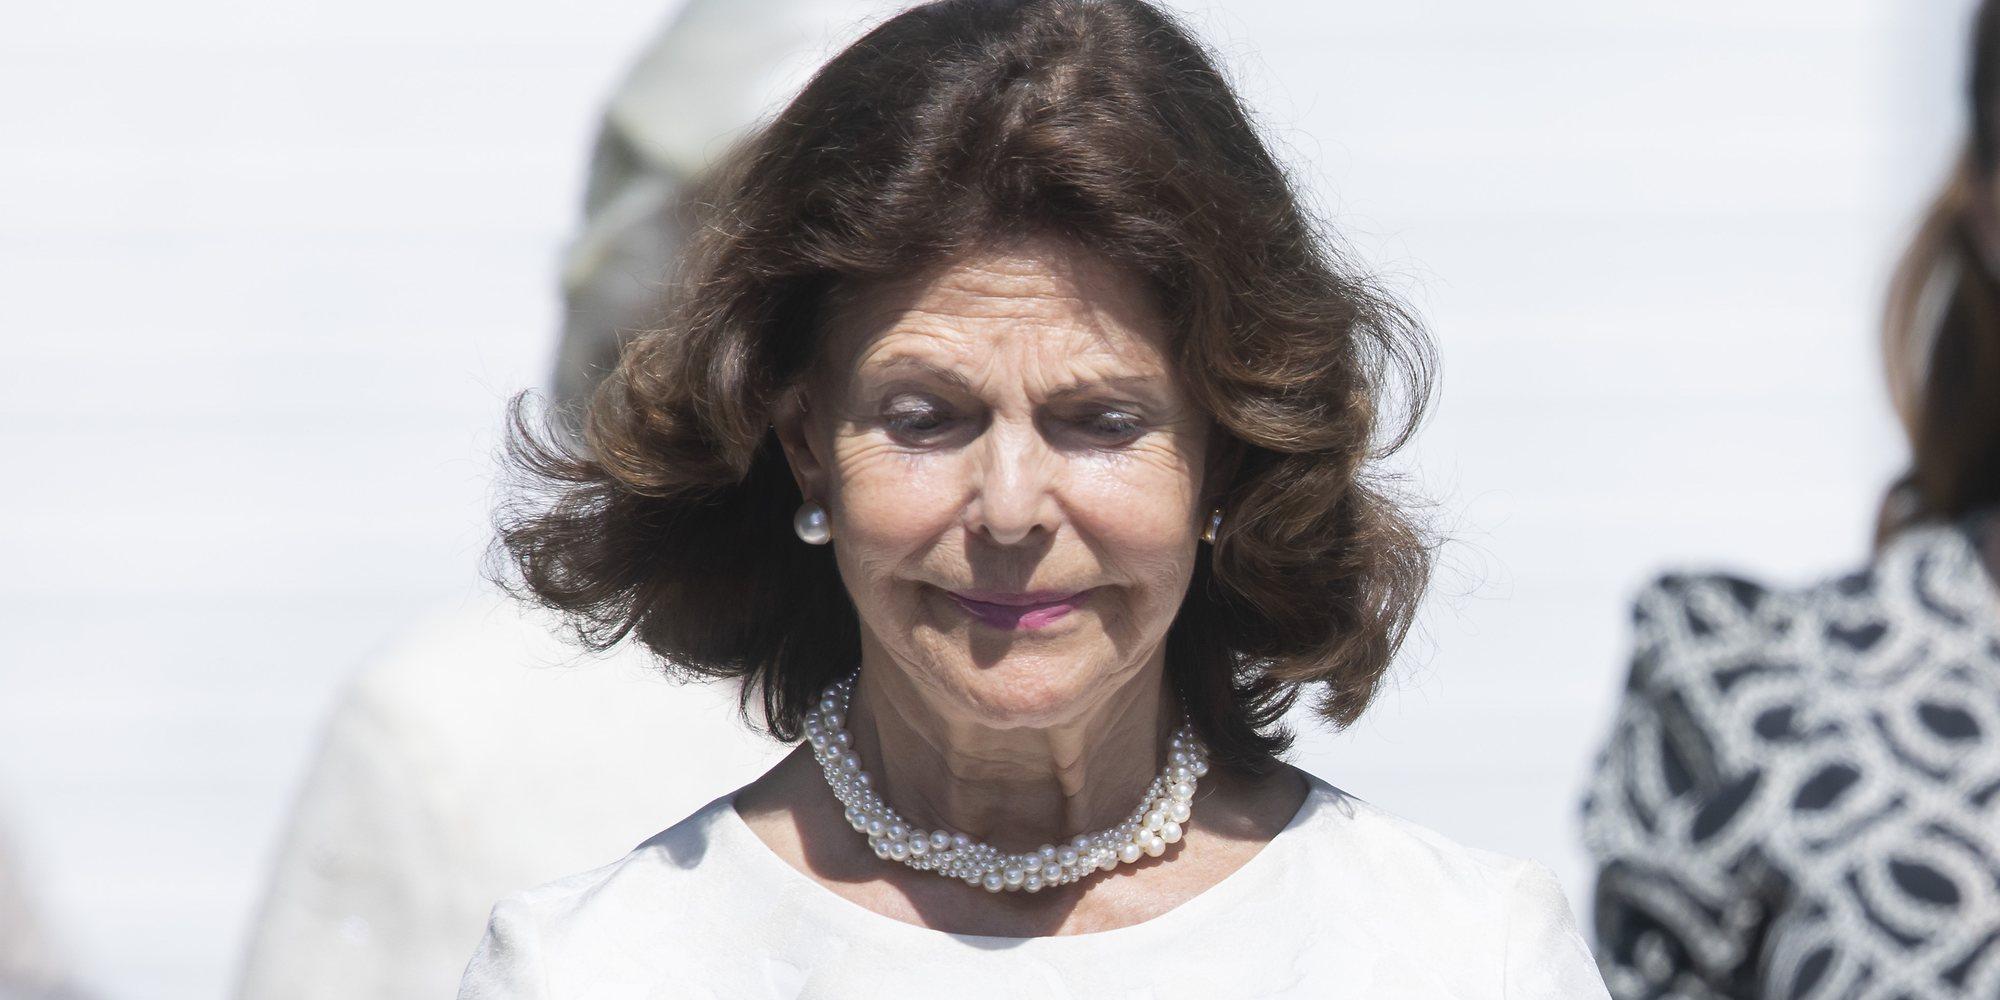 La Reina Silvia de Suecia y la Princesa Magdalena, muy afectadas en el funeral de una amiga